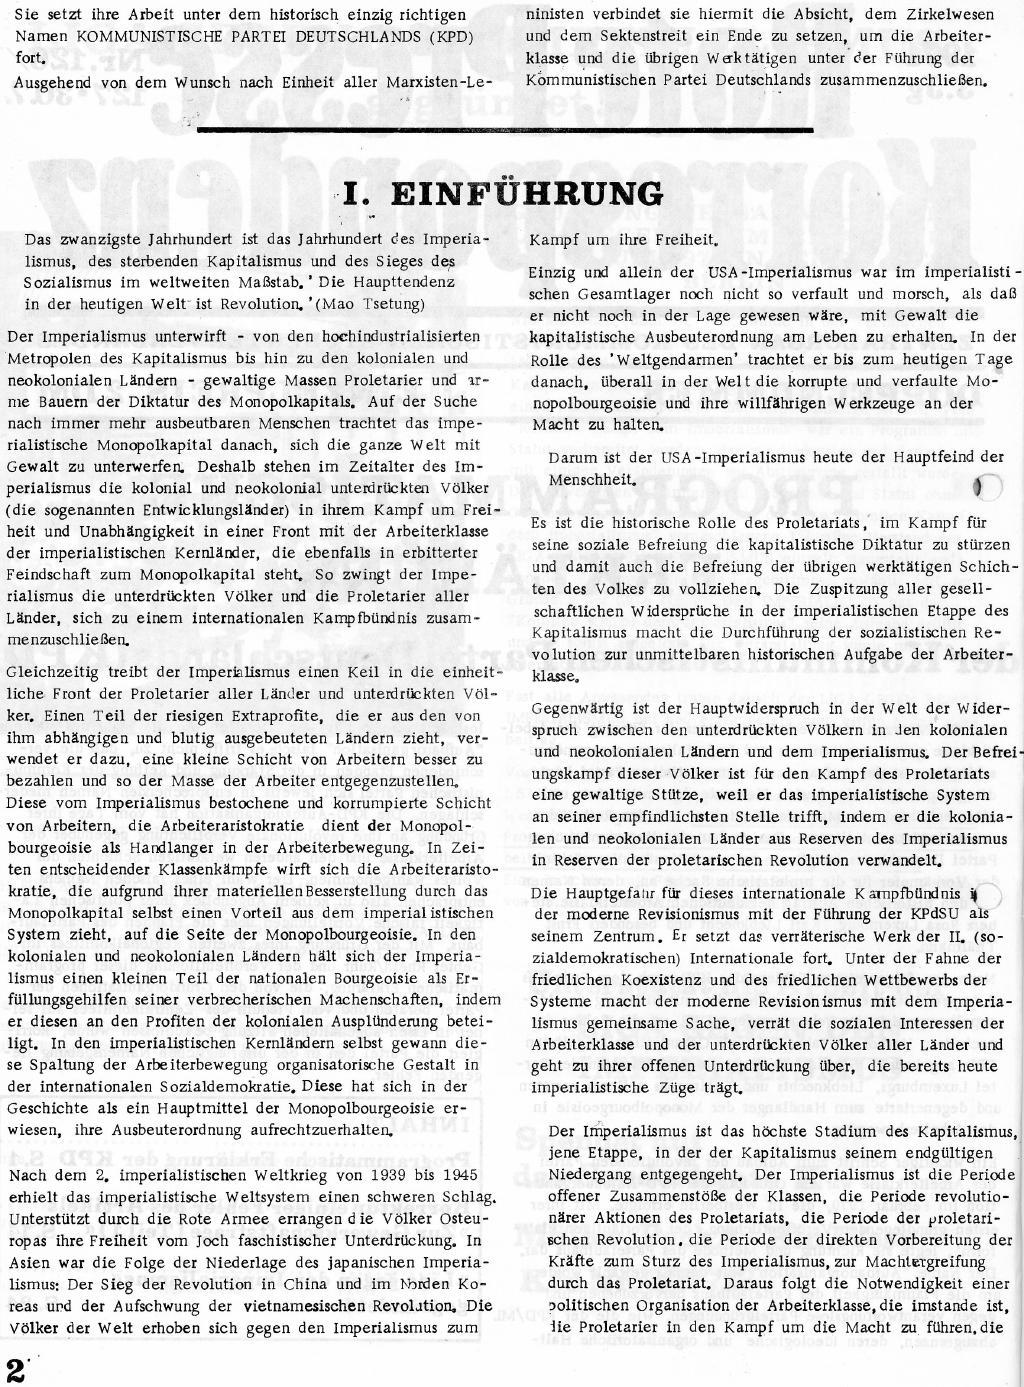 RPK_1971_126_127_02